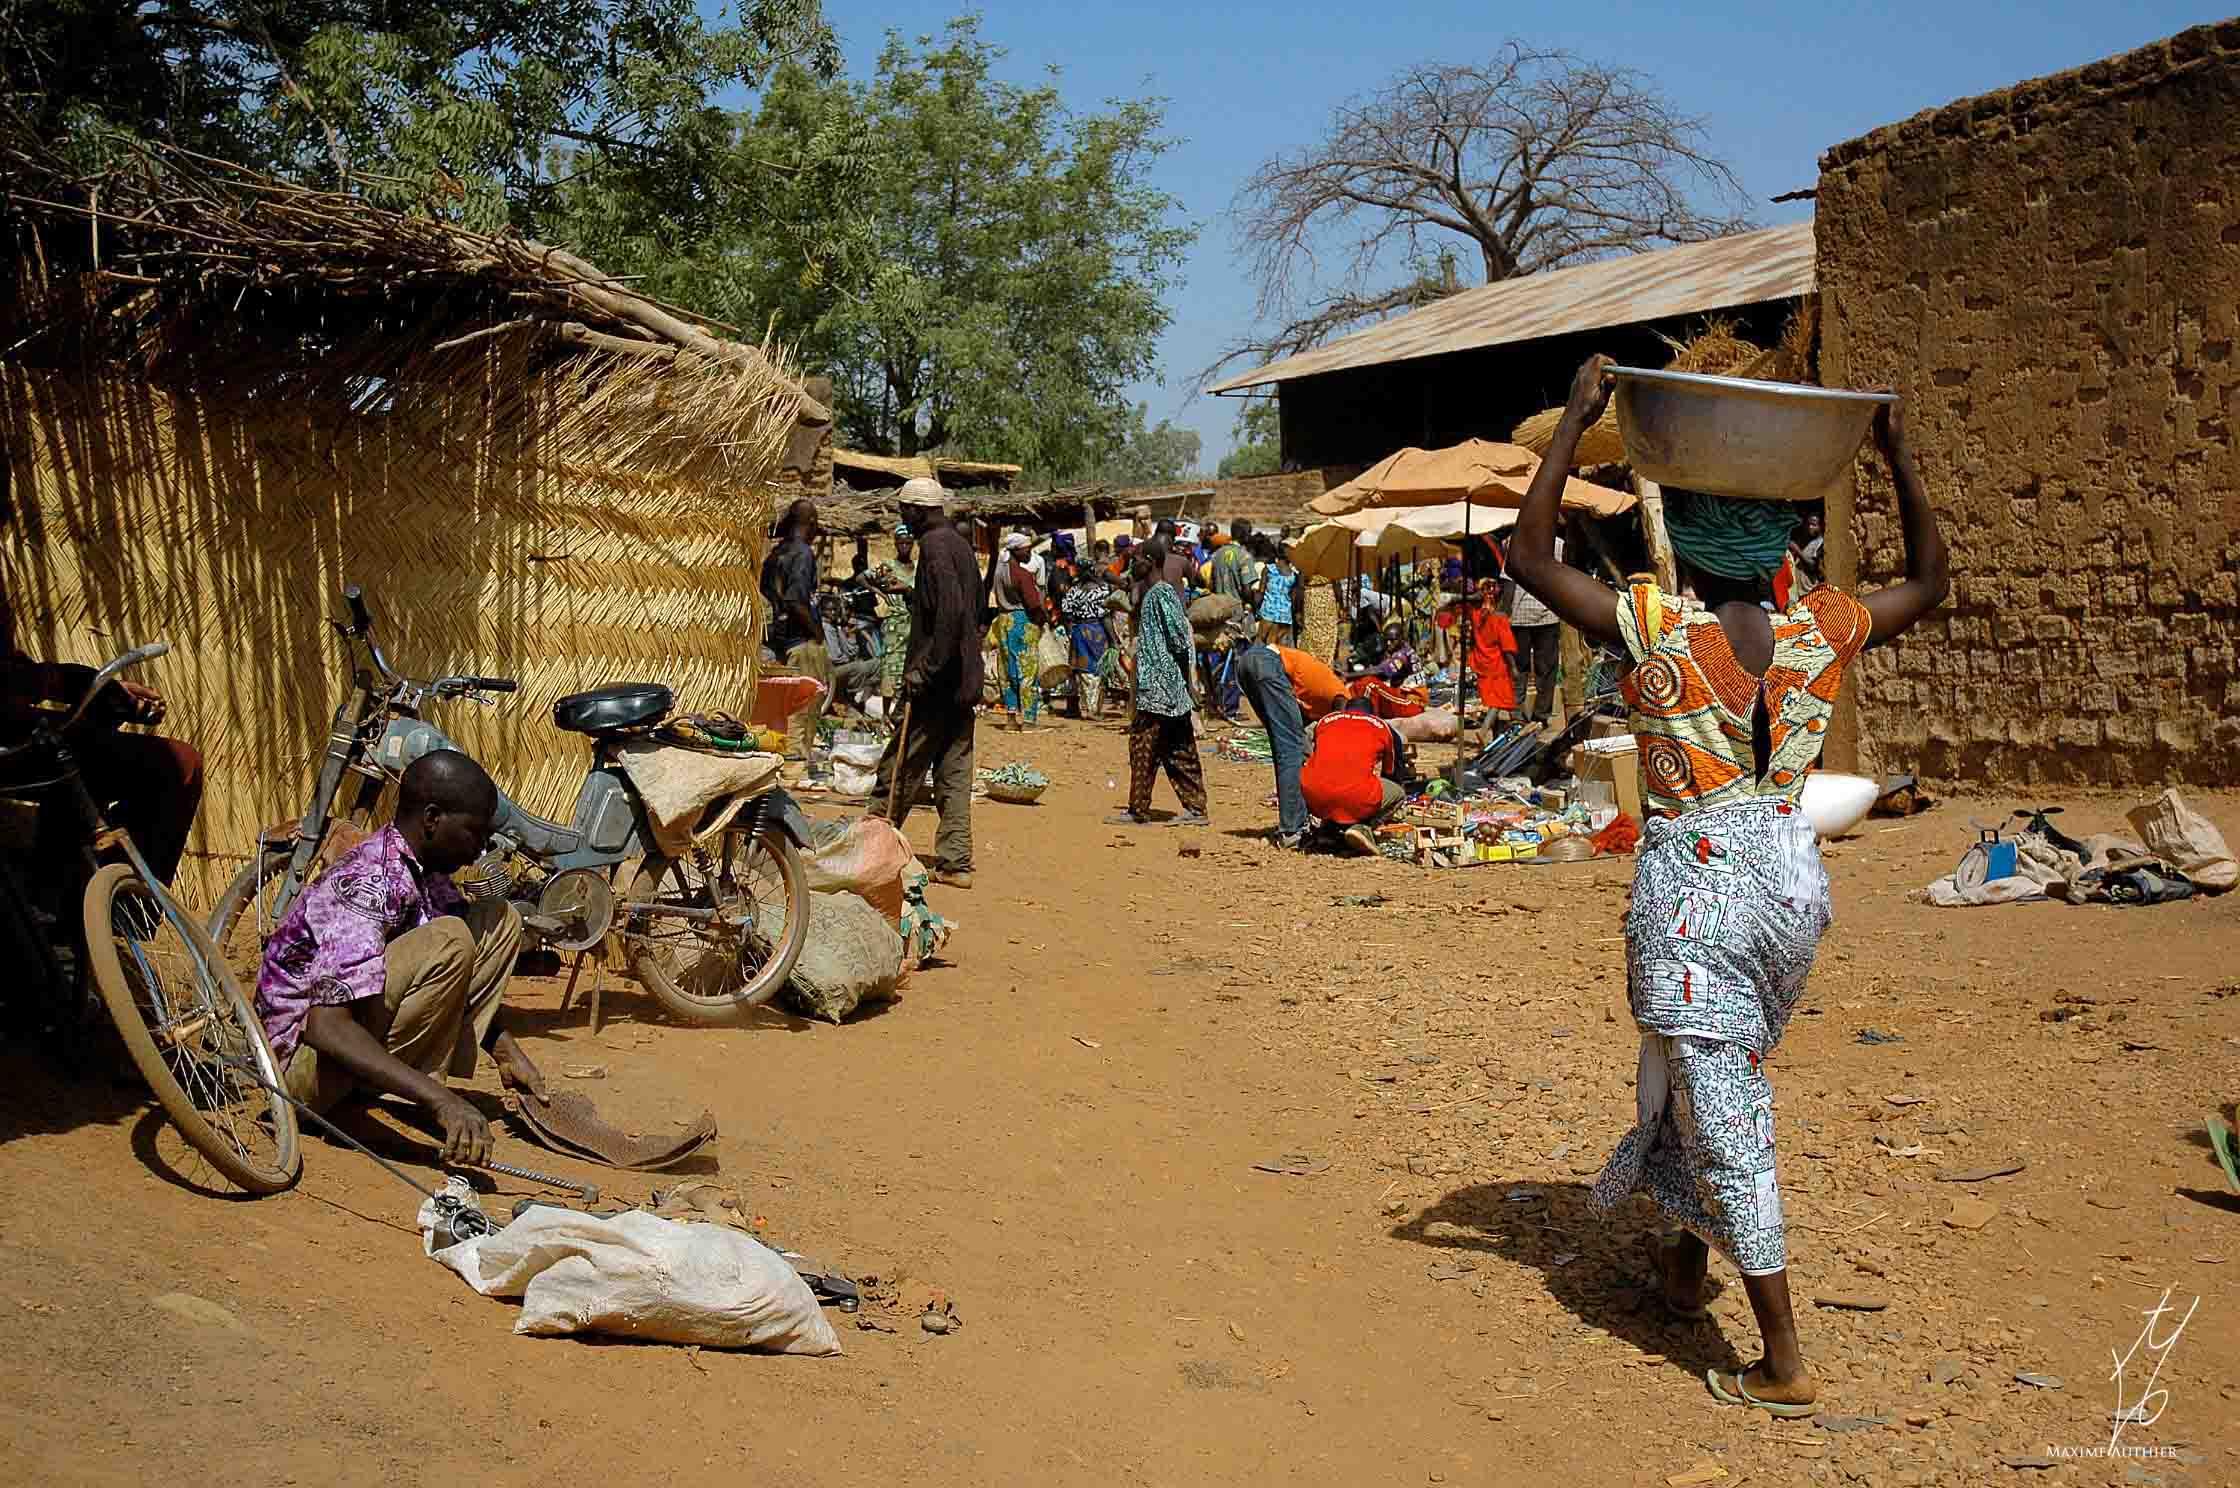 Les jours de marché en Afrique